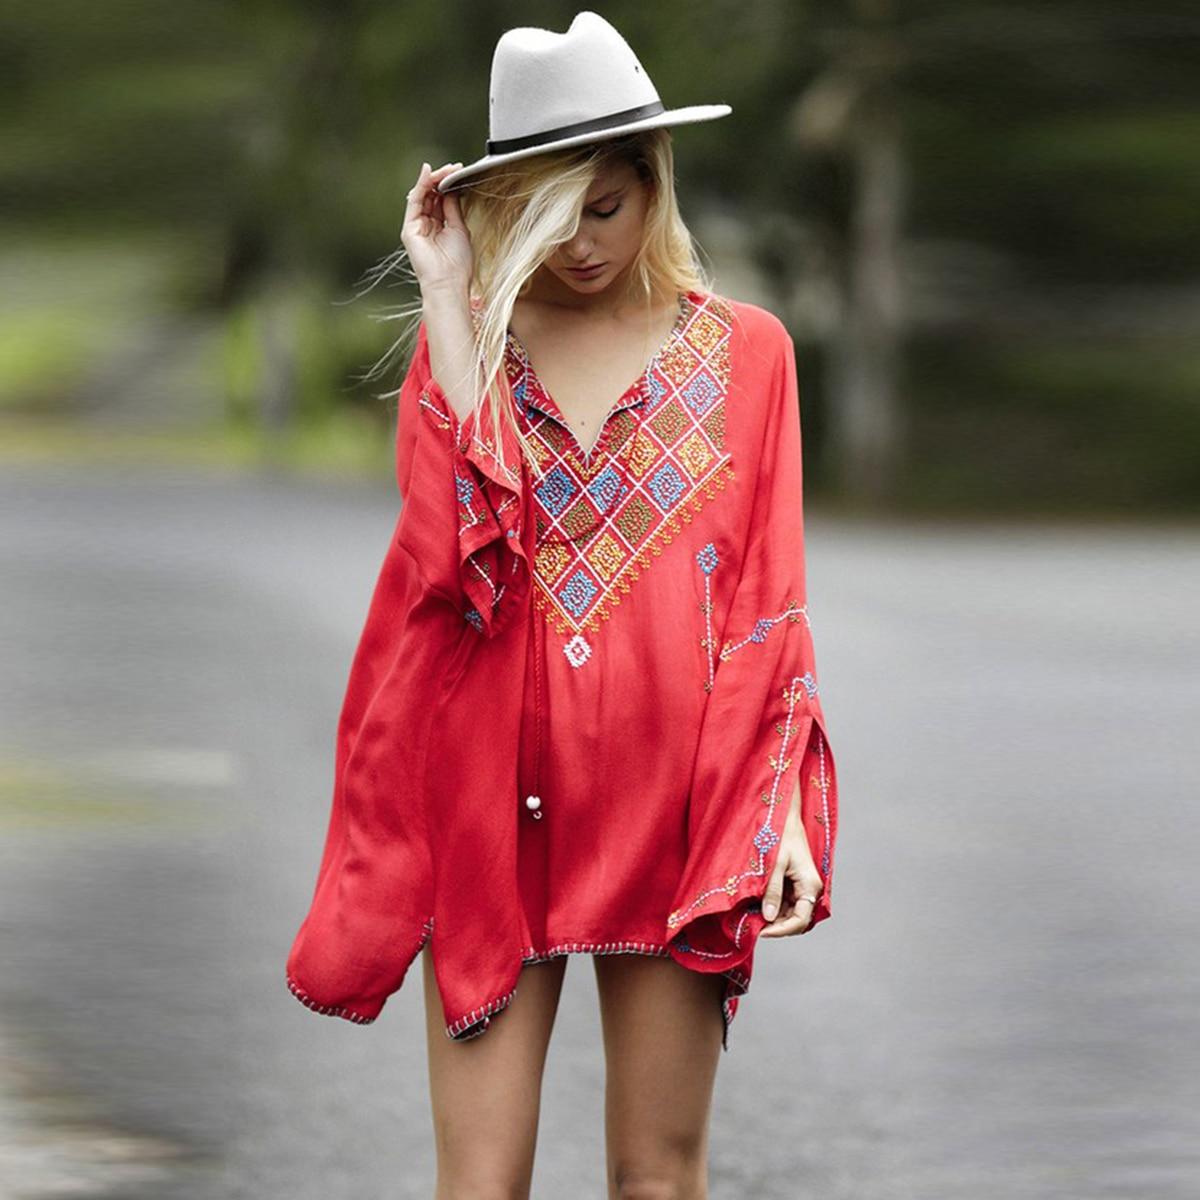 rouge Plage Noir Blusa Manches V Chemise Bohème Gland Automne Femmes À Casual Broderie blanc cou Longues Top Hippie Blouses Blouse Vintage Chemises nPRxzwq